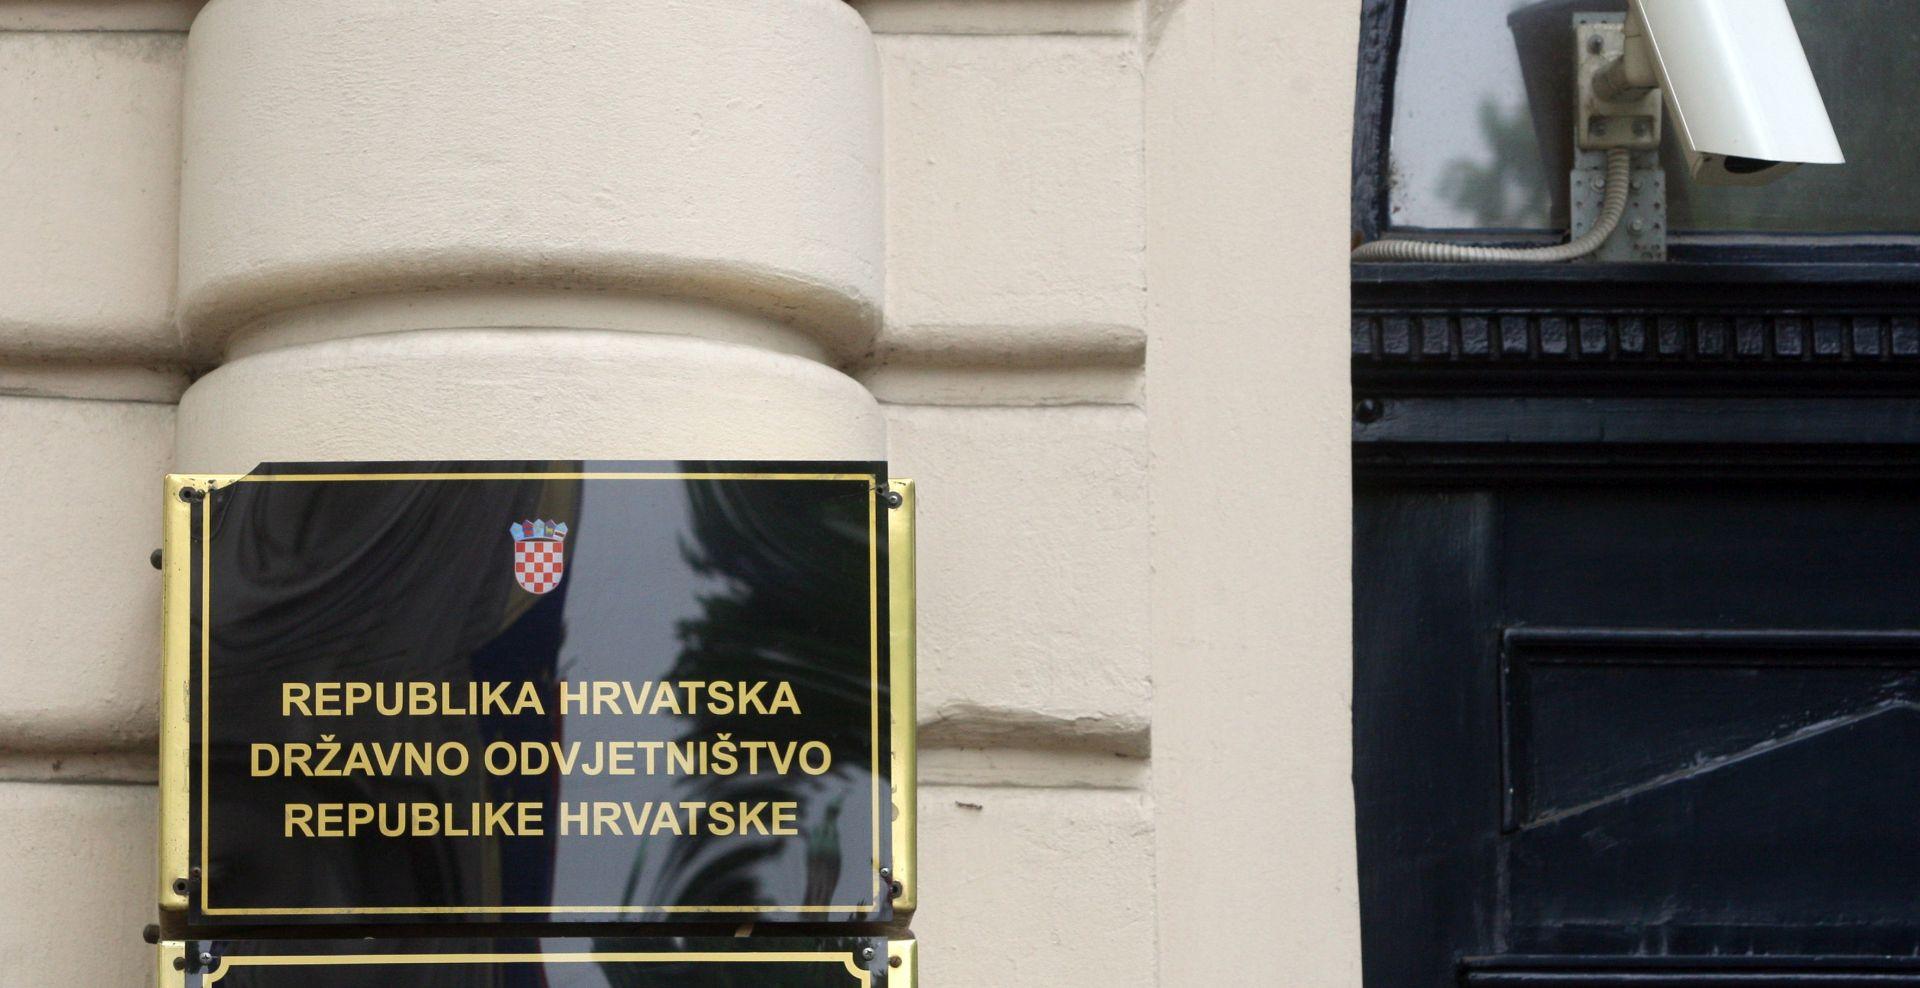 SURADNJA SA SVODNICIMA: Optuženi bivši policajac traži izuzeće cijele 'tužiteljske vertikale'